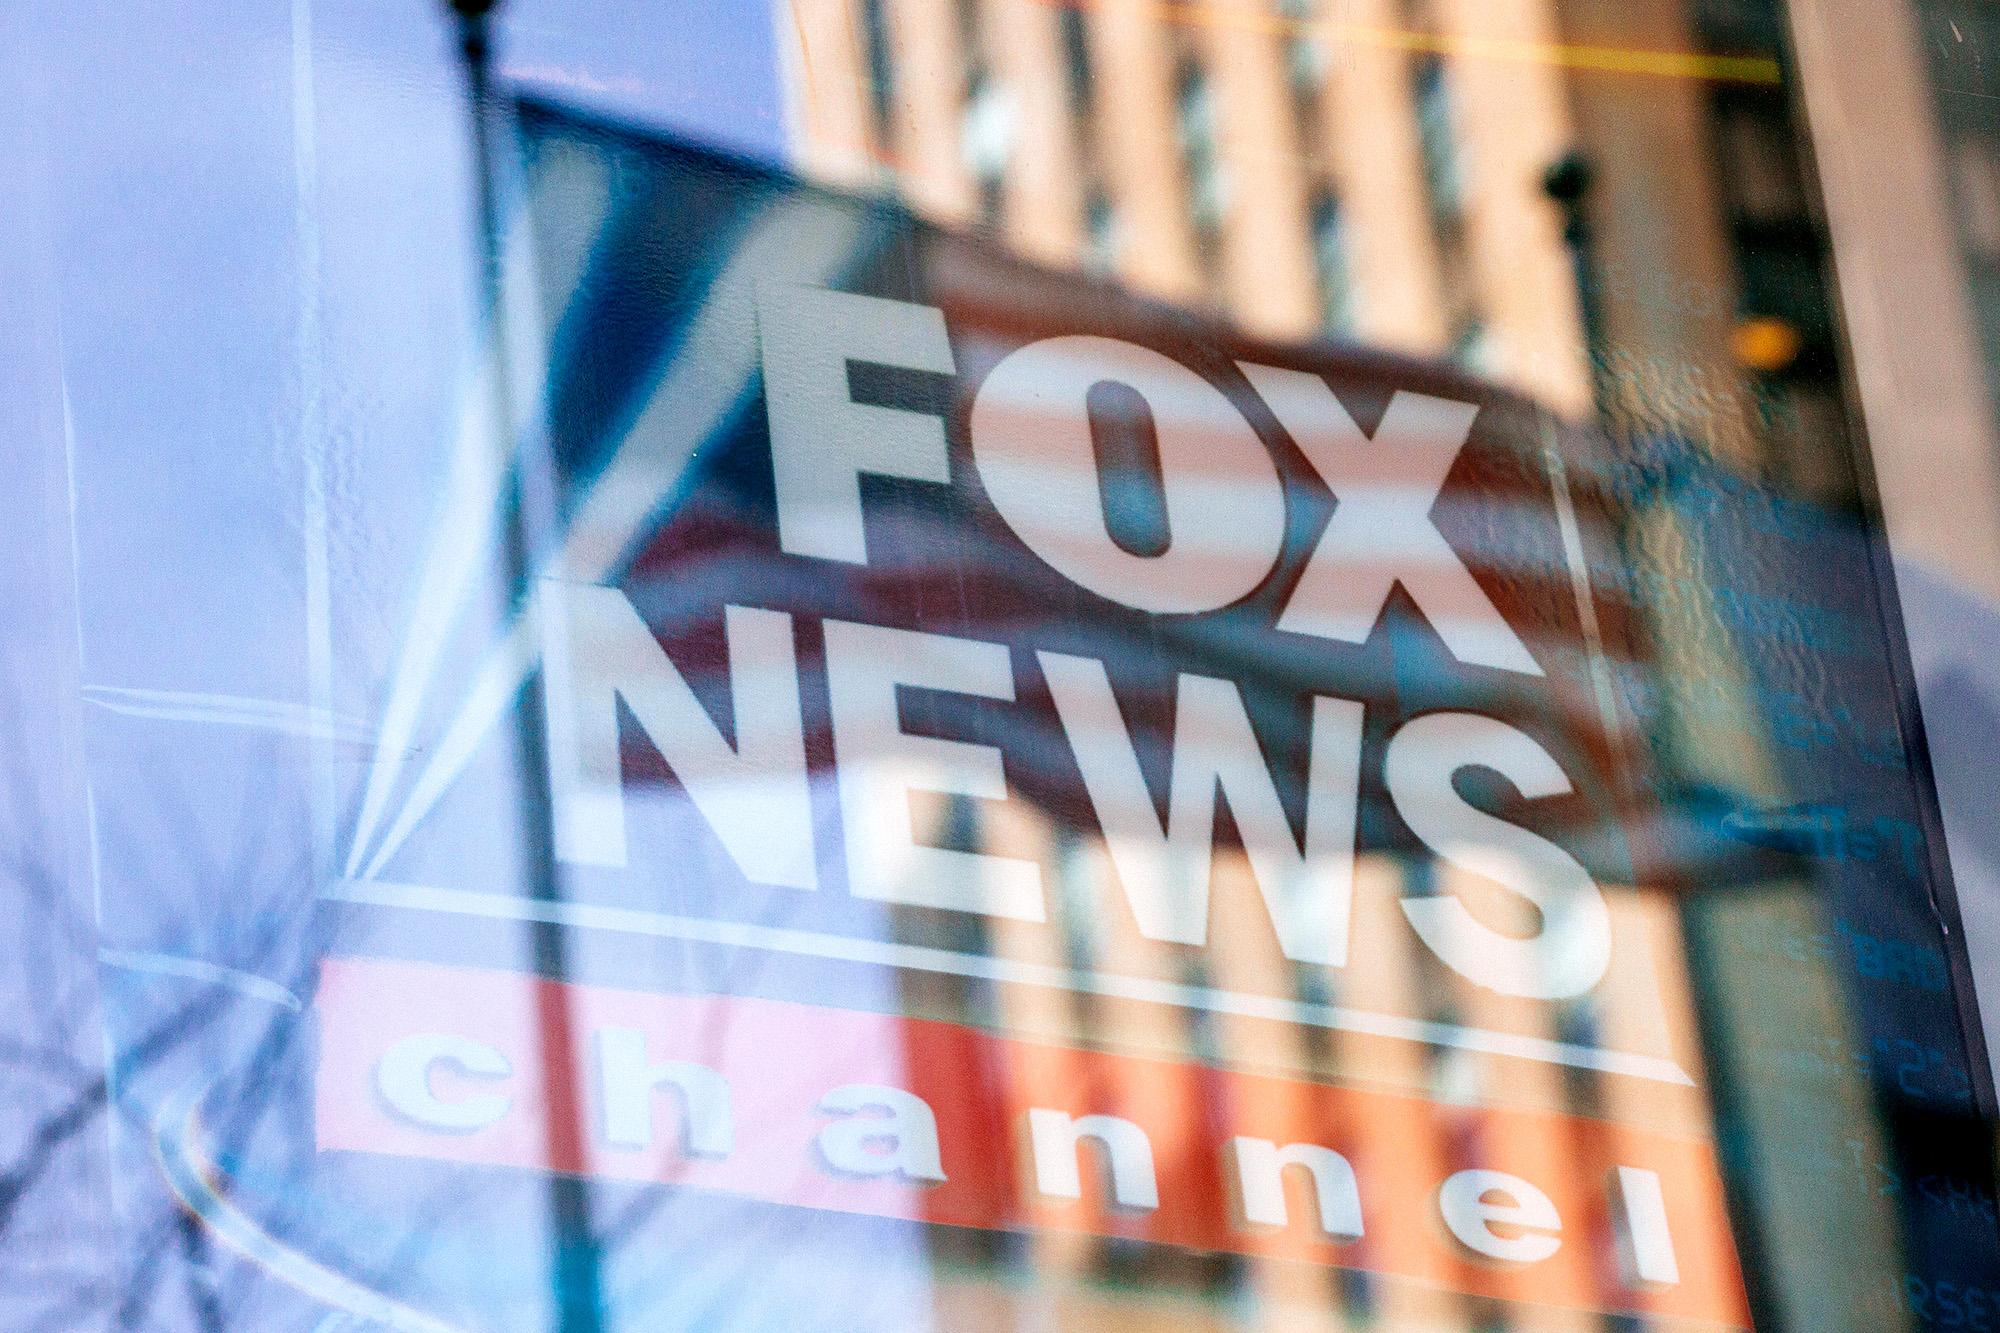 Đảng Dân chủ gây áp lực các nhà phân phối kênh truyền hình ngừng Fox News, Newsmax và OAN